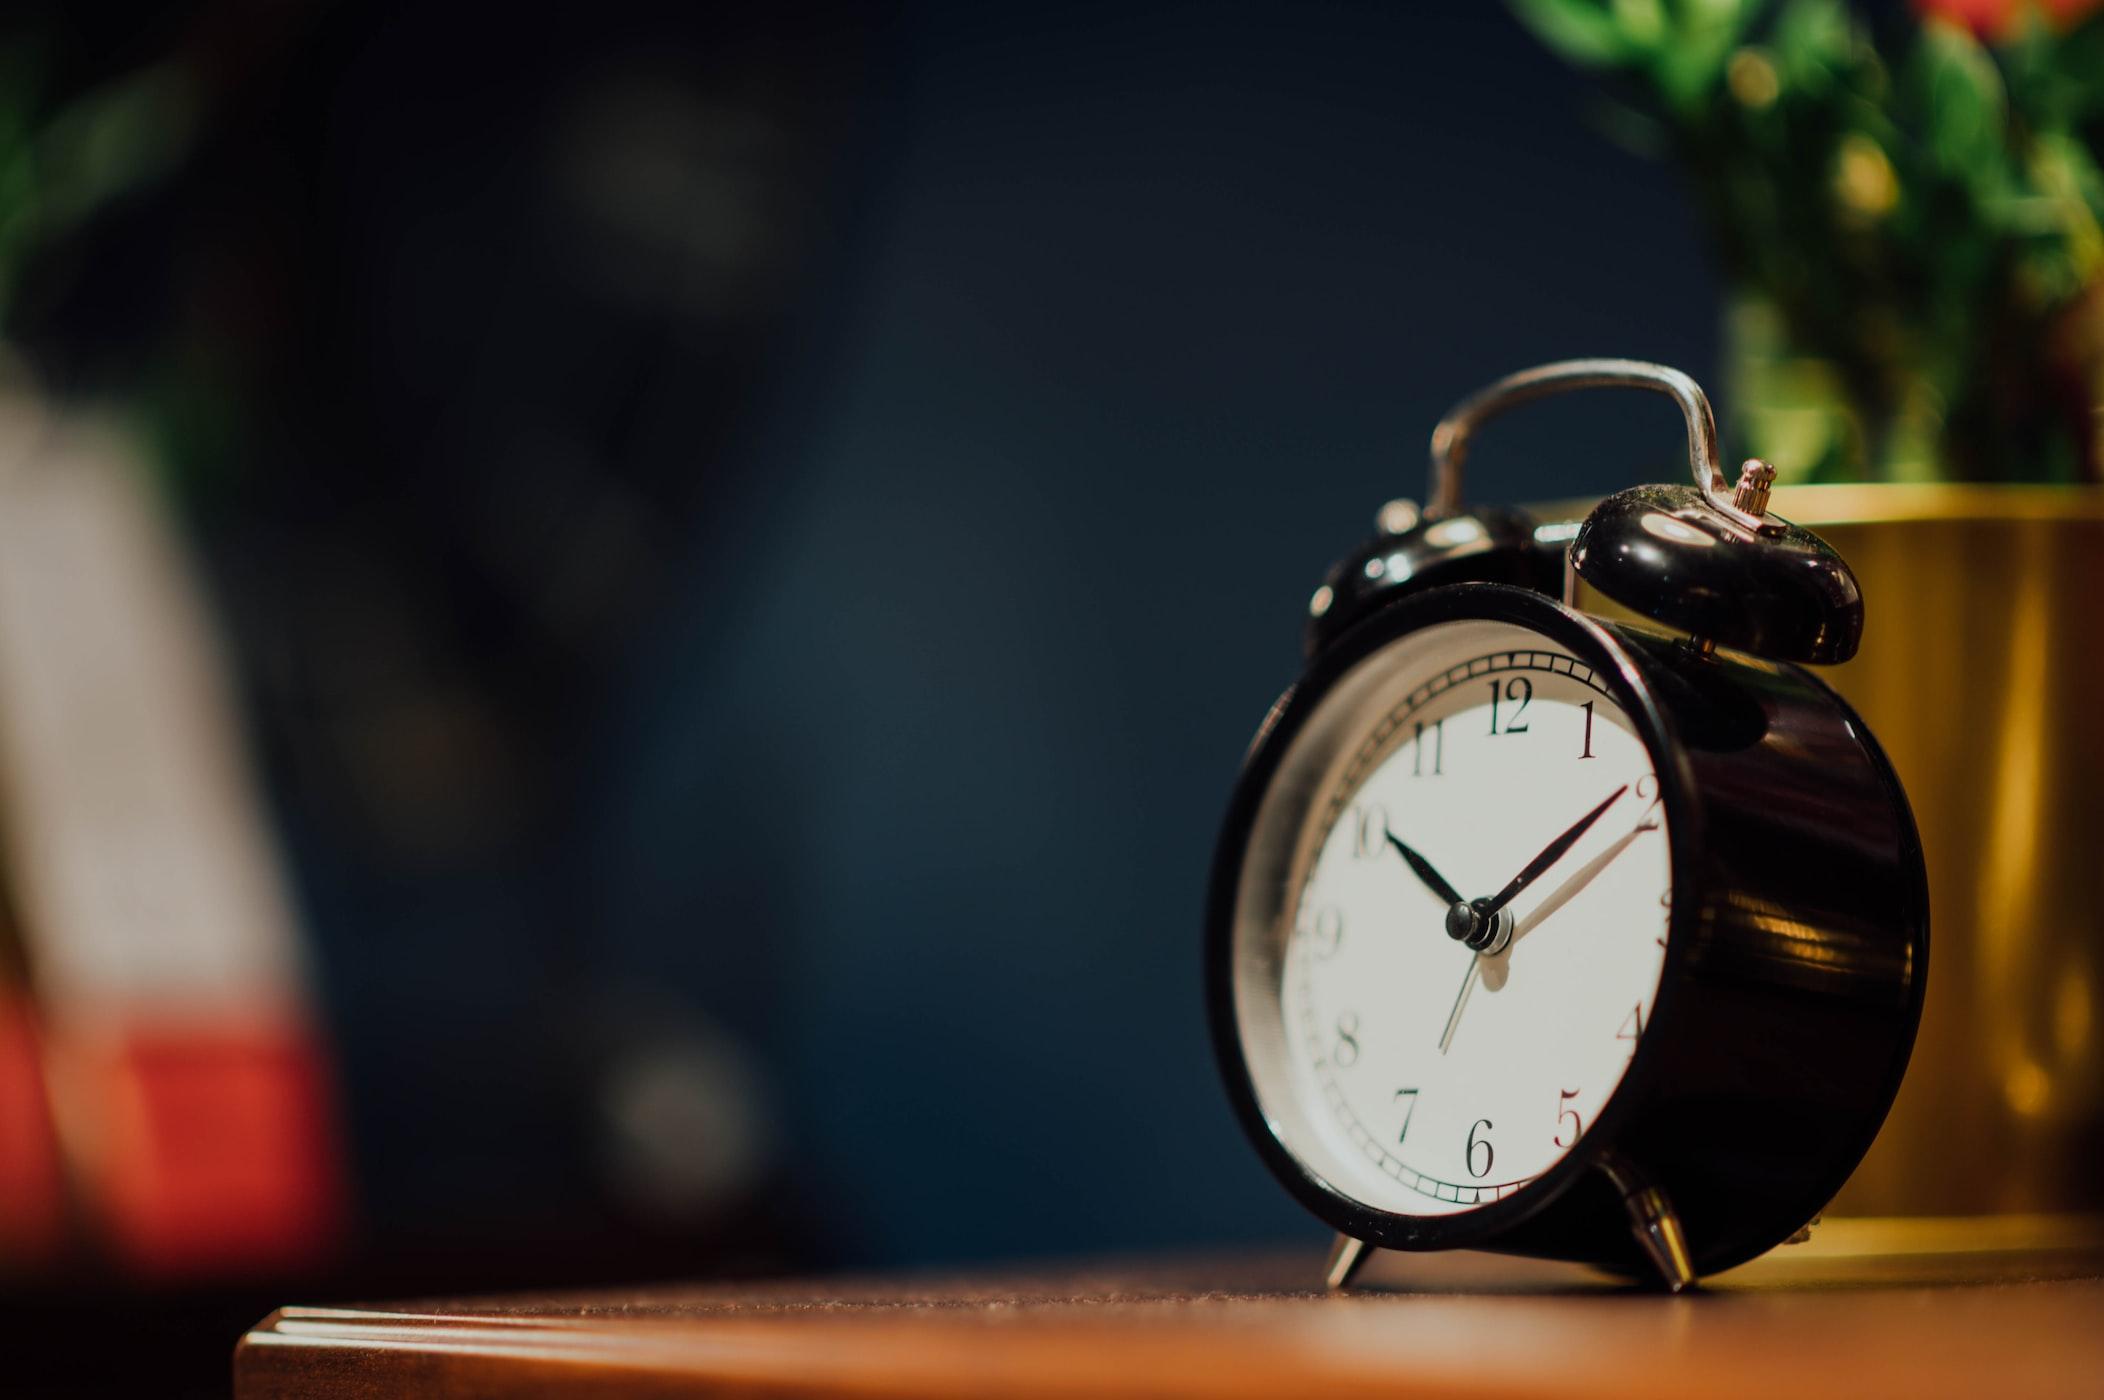 受験生にやってほしい早起きのコツ『目覚まし時計を立って止めないといけない場所に置いておく』